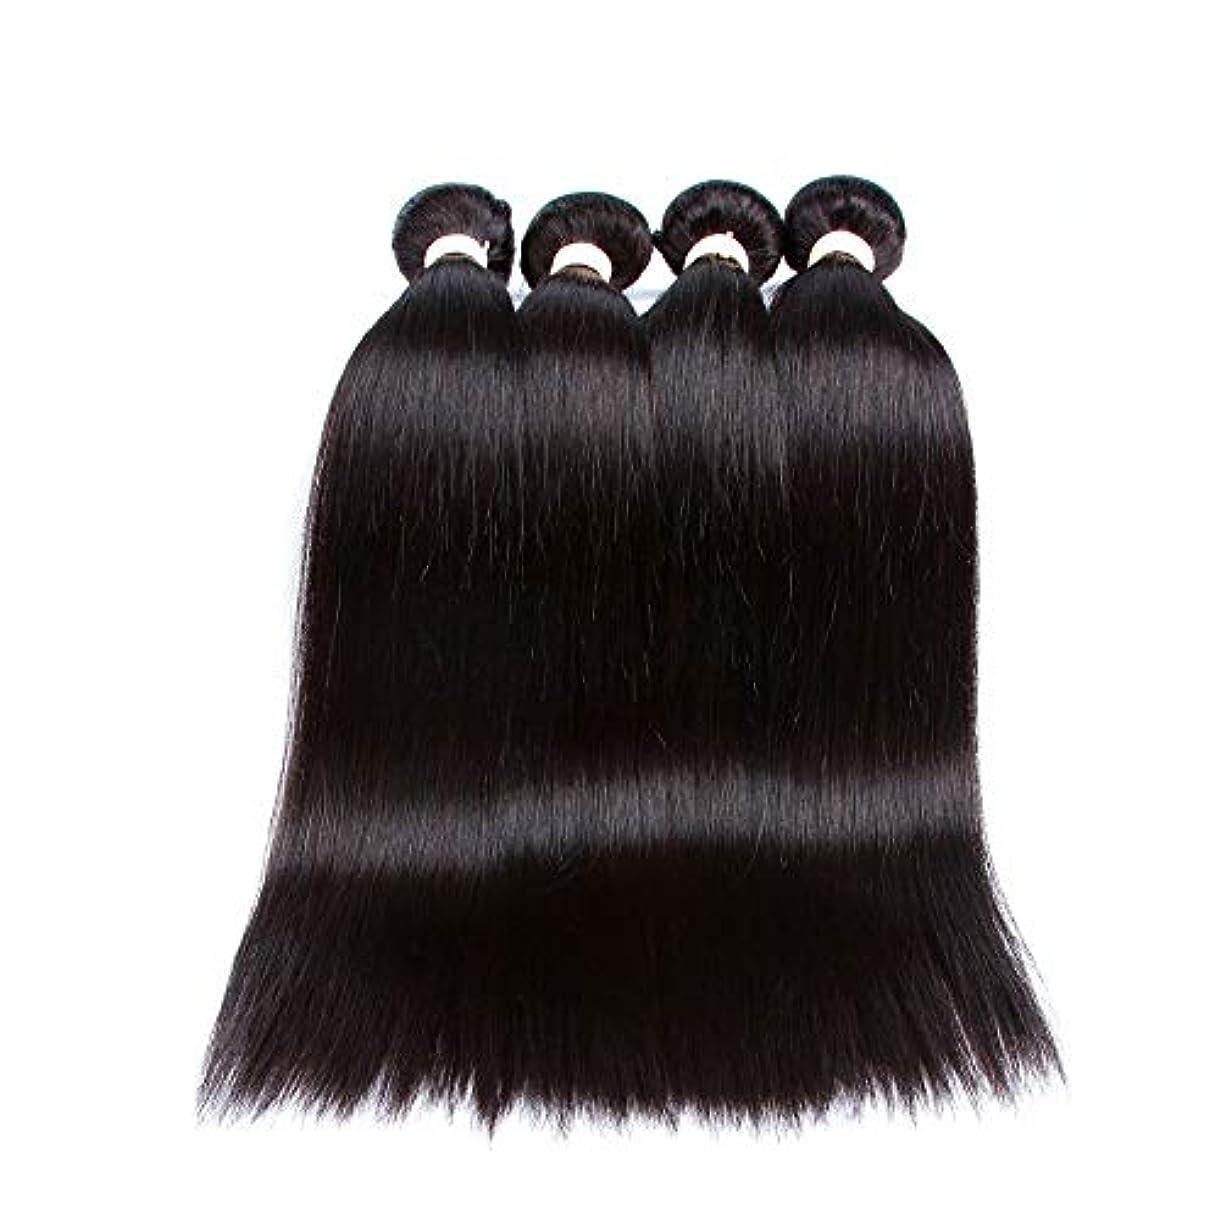 SRY-Wigファッション ヨーロッパやアメリカのファッションウィッグ黒人女性のための赤ちゃんの髪の事前選択フルレースウィッグと黒のロングストレートヘア (Color : ブラック, Size : 26inch)